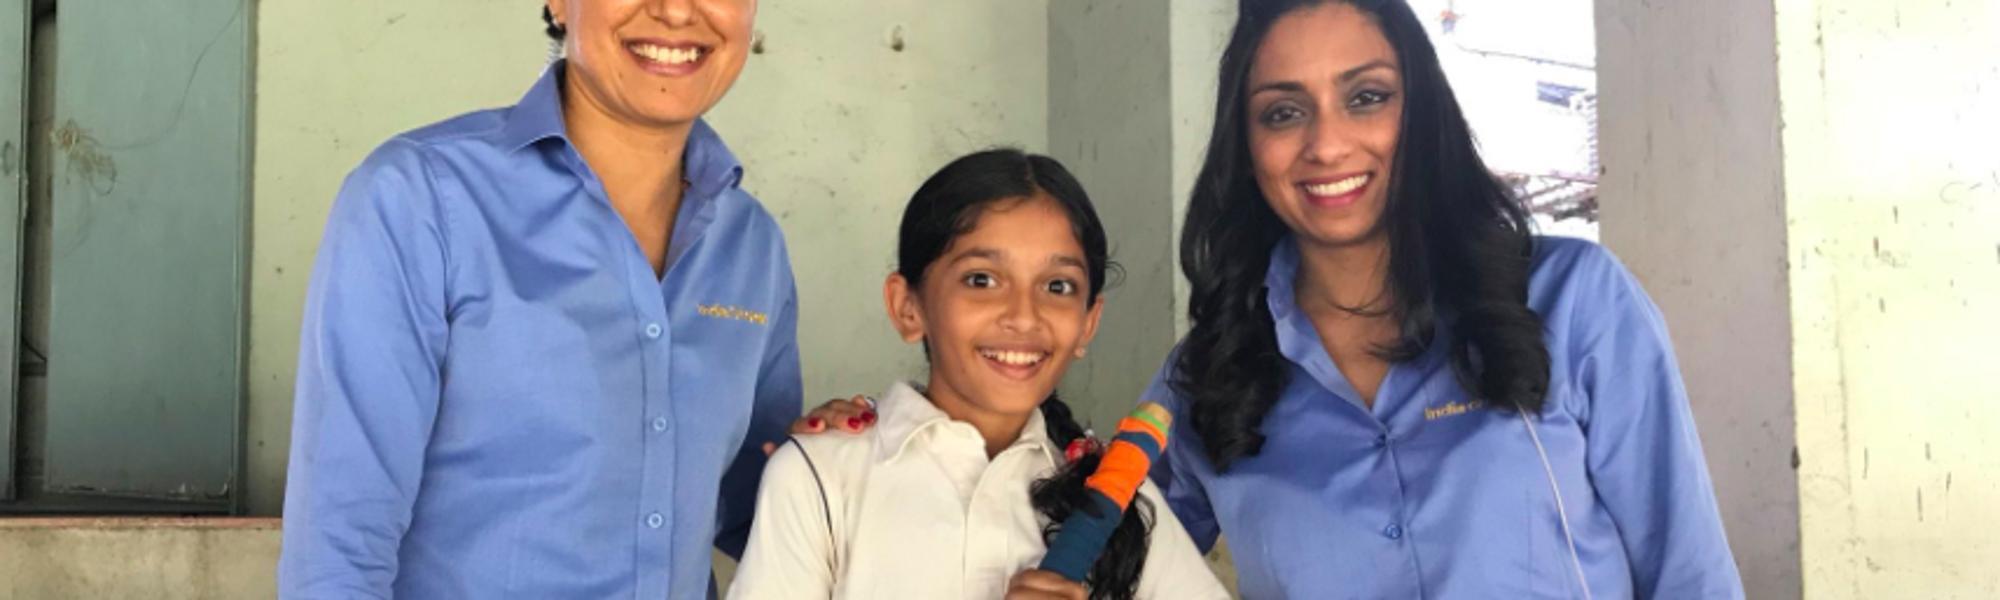 Durga with Anjum Chopra and Isa Guha